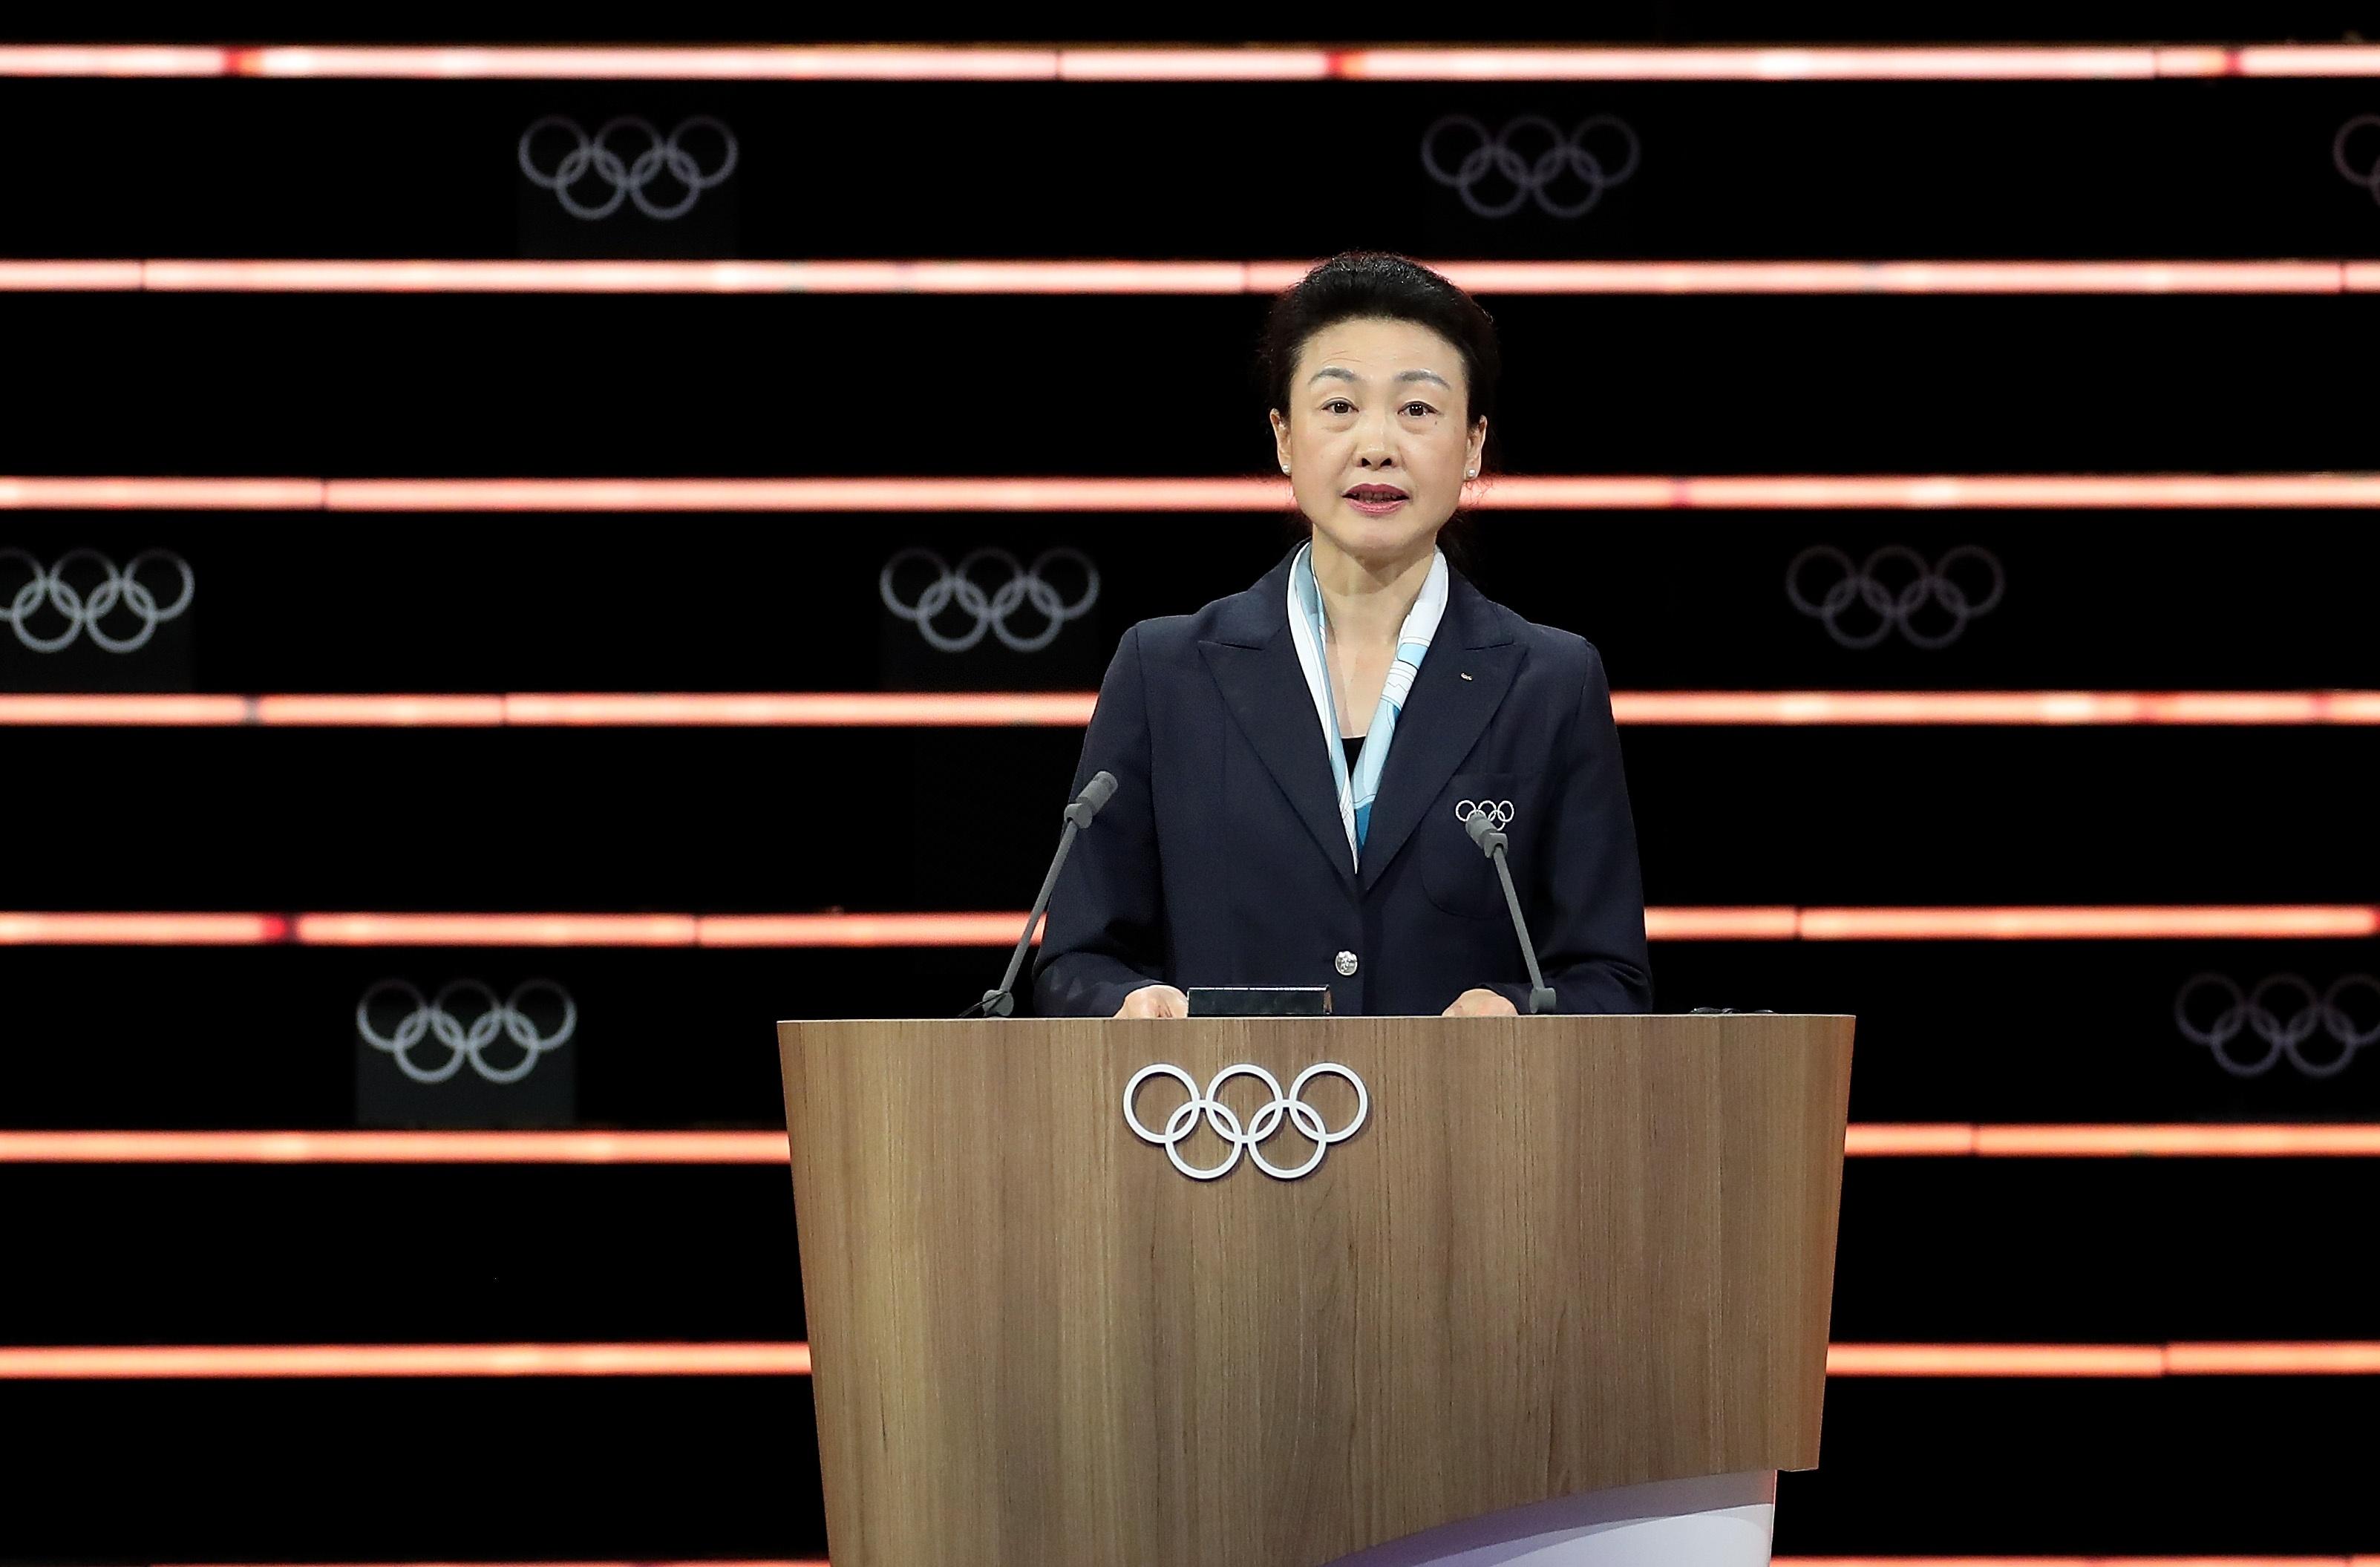 资料图:国际奥委会委员李玲蔚。新华社记者曹灿摄